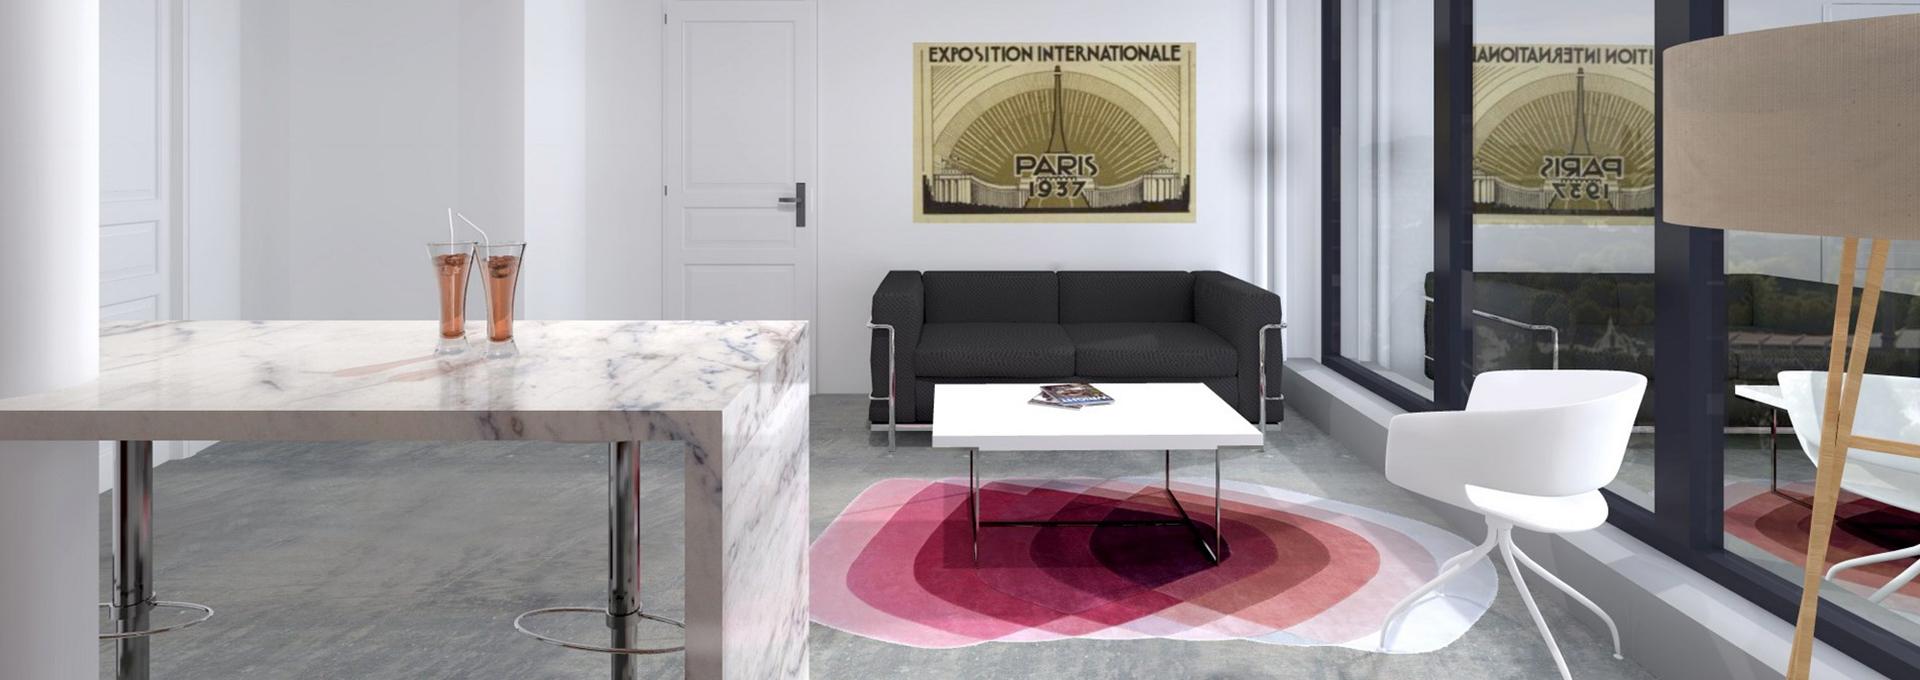 architecte interieur paris salon haut de gamme agence avous